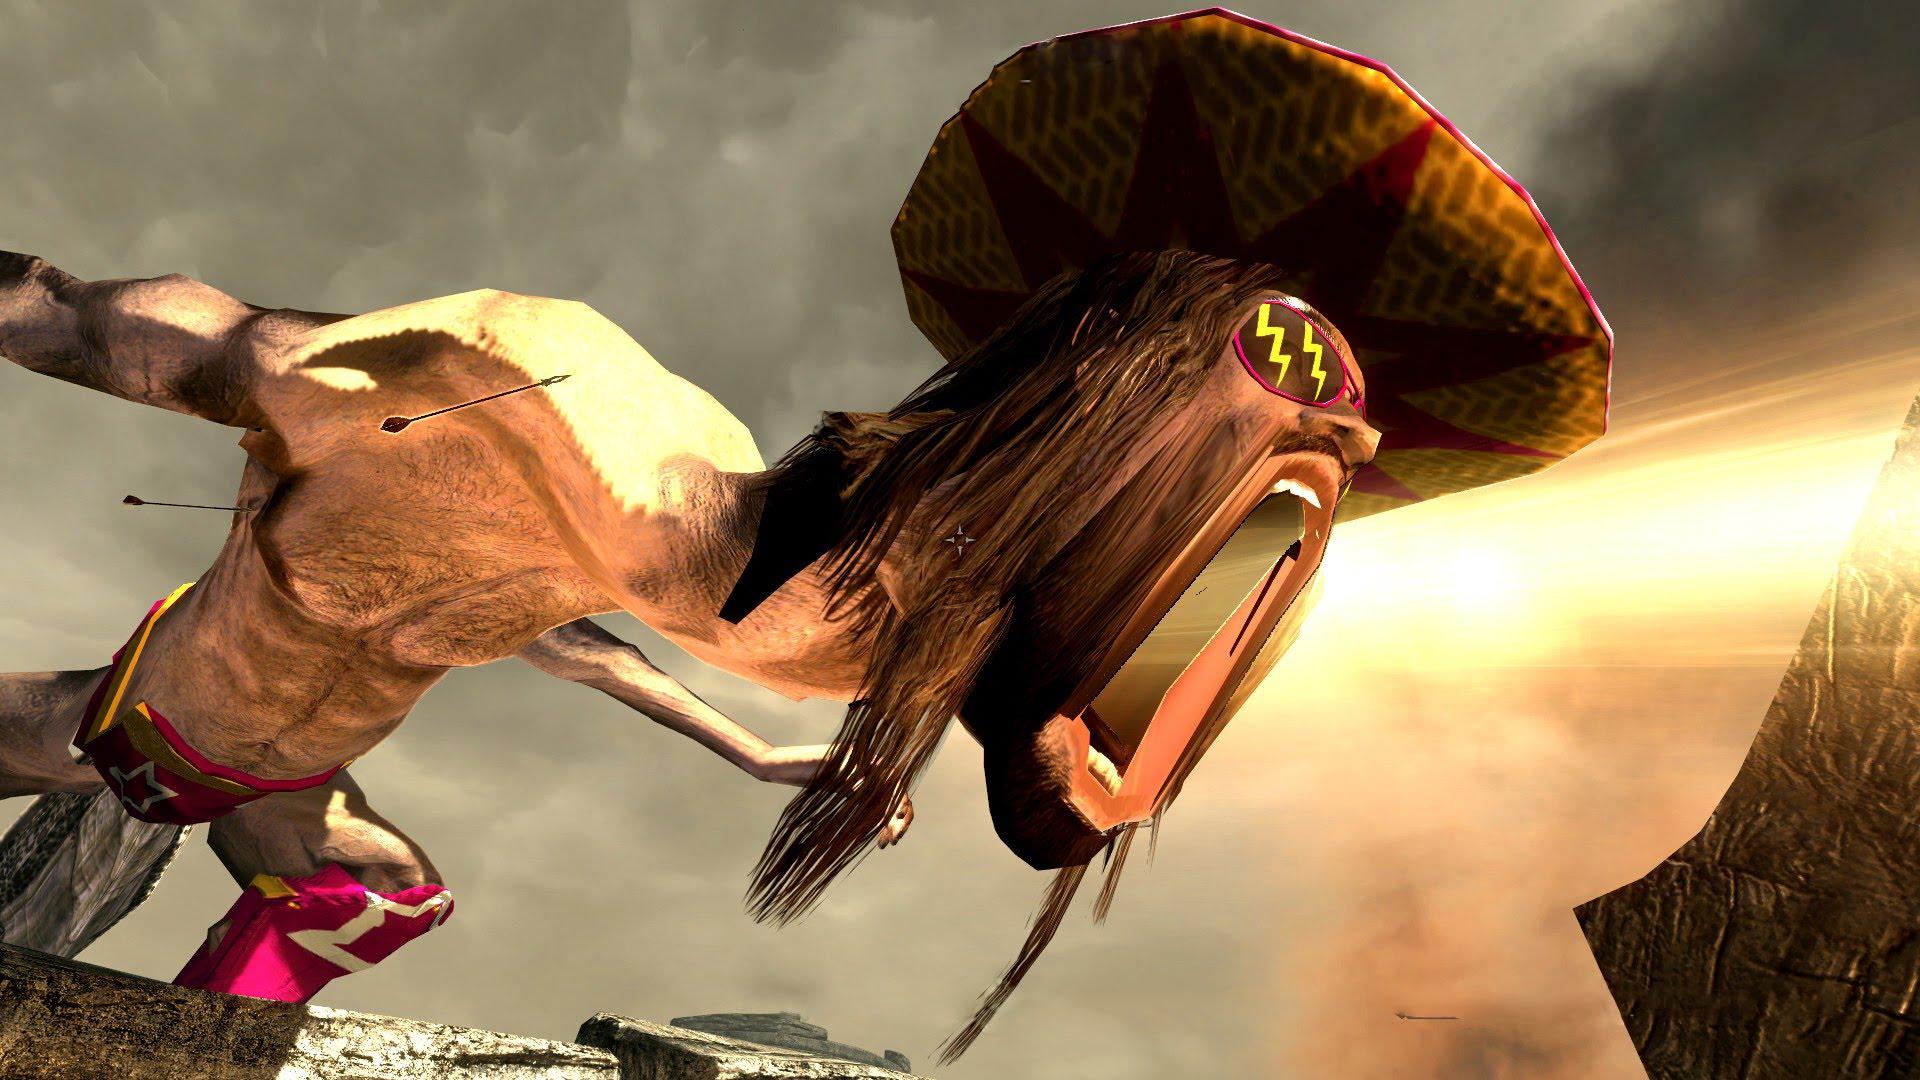 Macho Dragons | The Elder Scrolls Mods Wiki | FANDOM powered